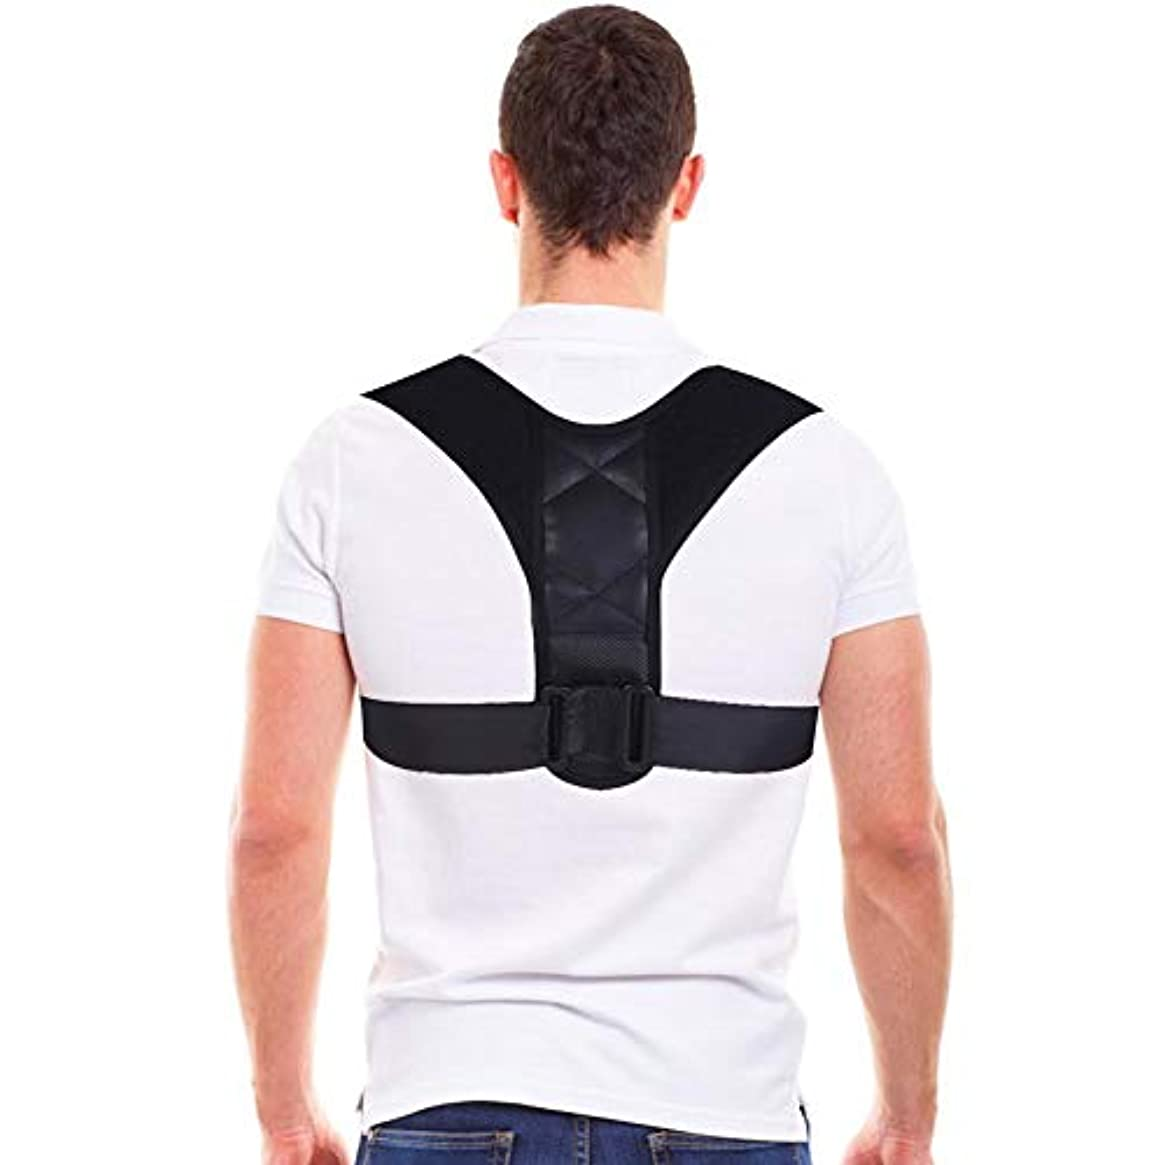 スマッシュクライストチャーチそれによってコレクター姿勢バックサポートベルト、8字型デザインの調節可能な鎖骨装具バンド、男性と女性の姿勢、腰痛予防、腰痛予防